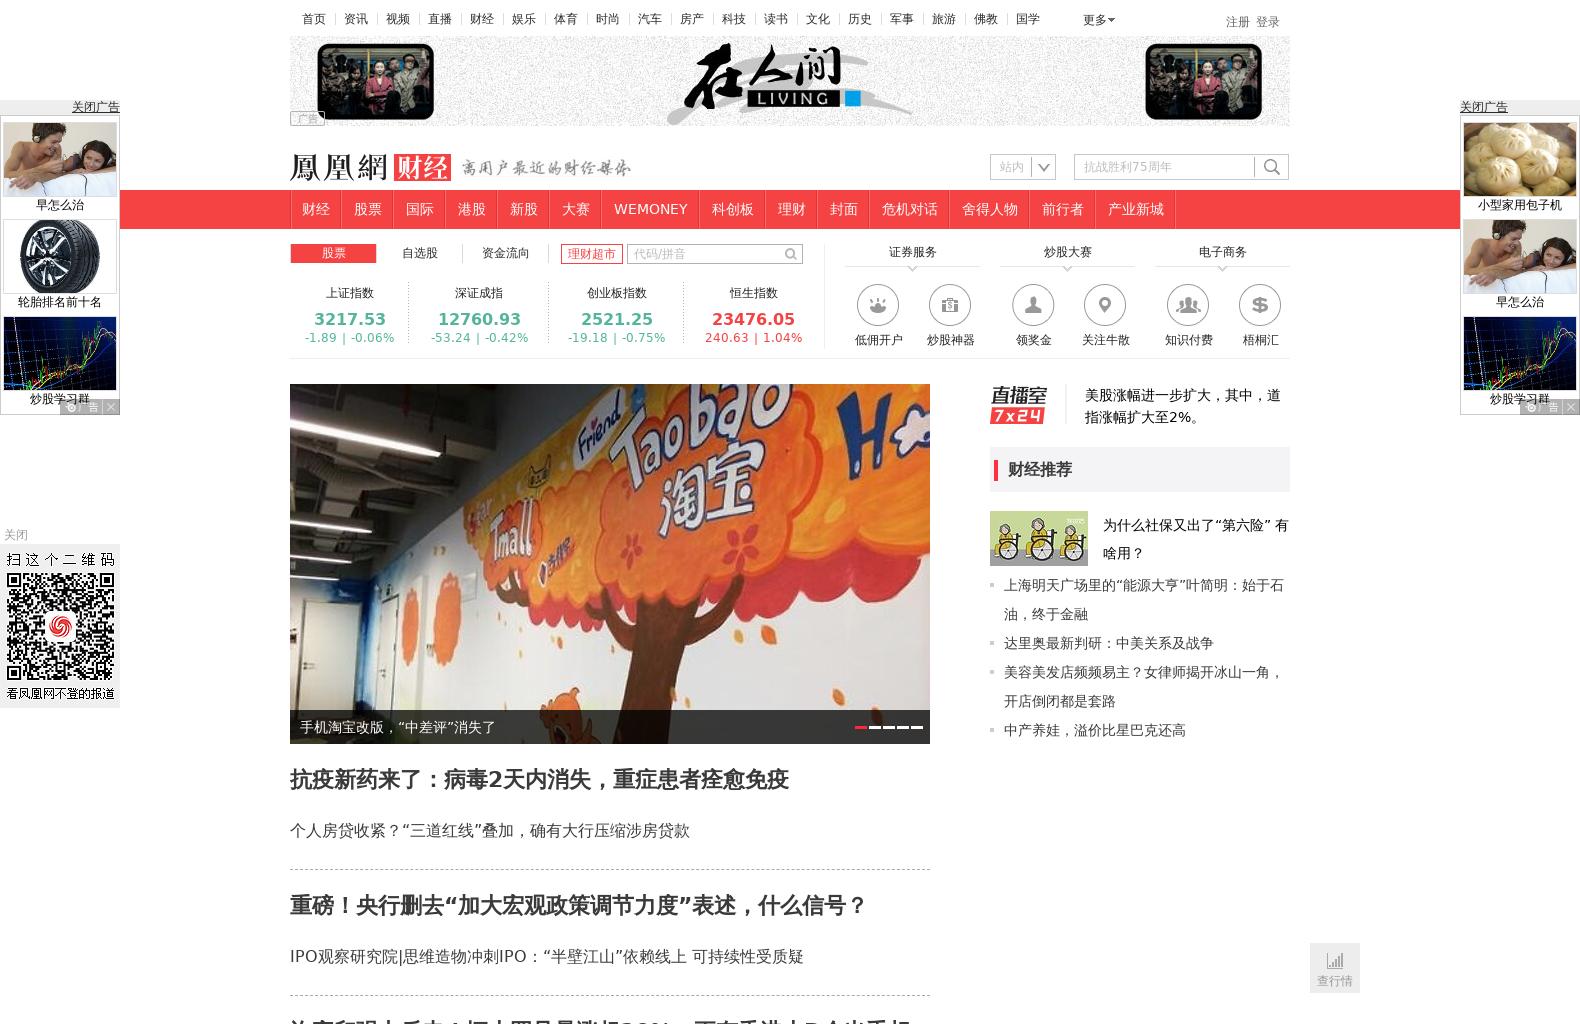 finance.ifeng.com网站截图